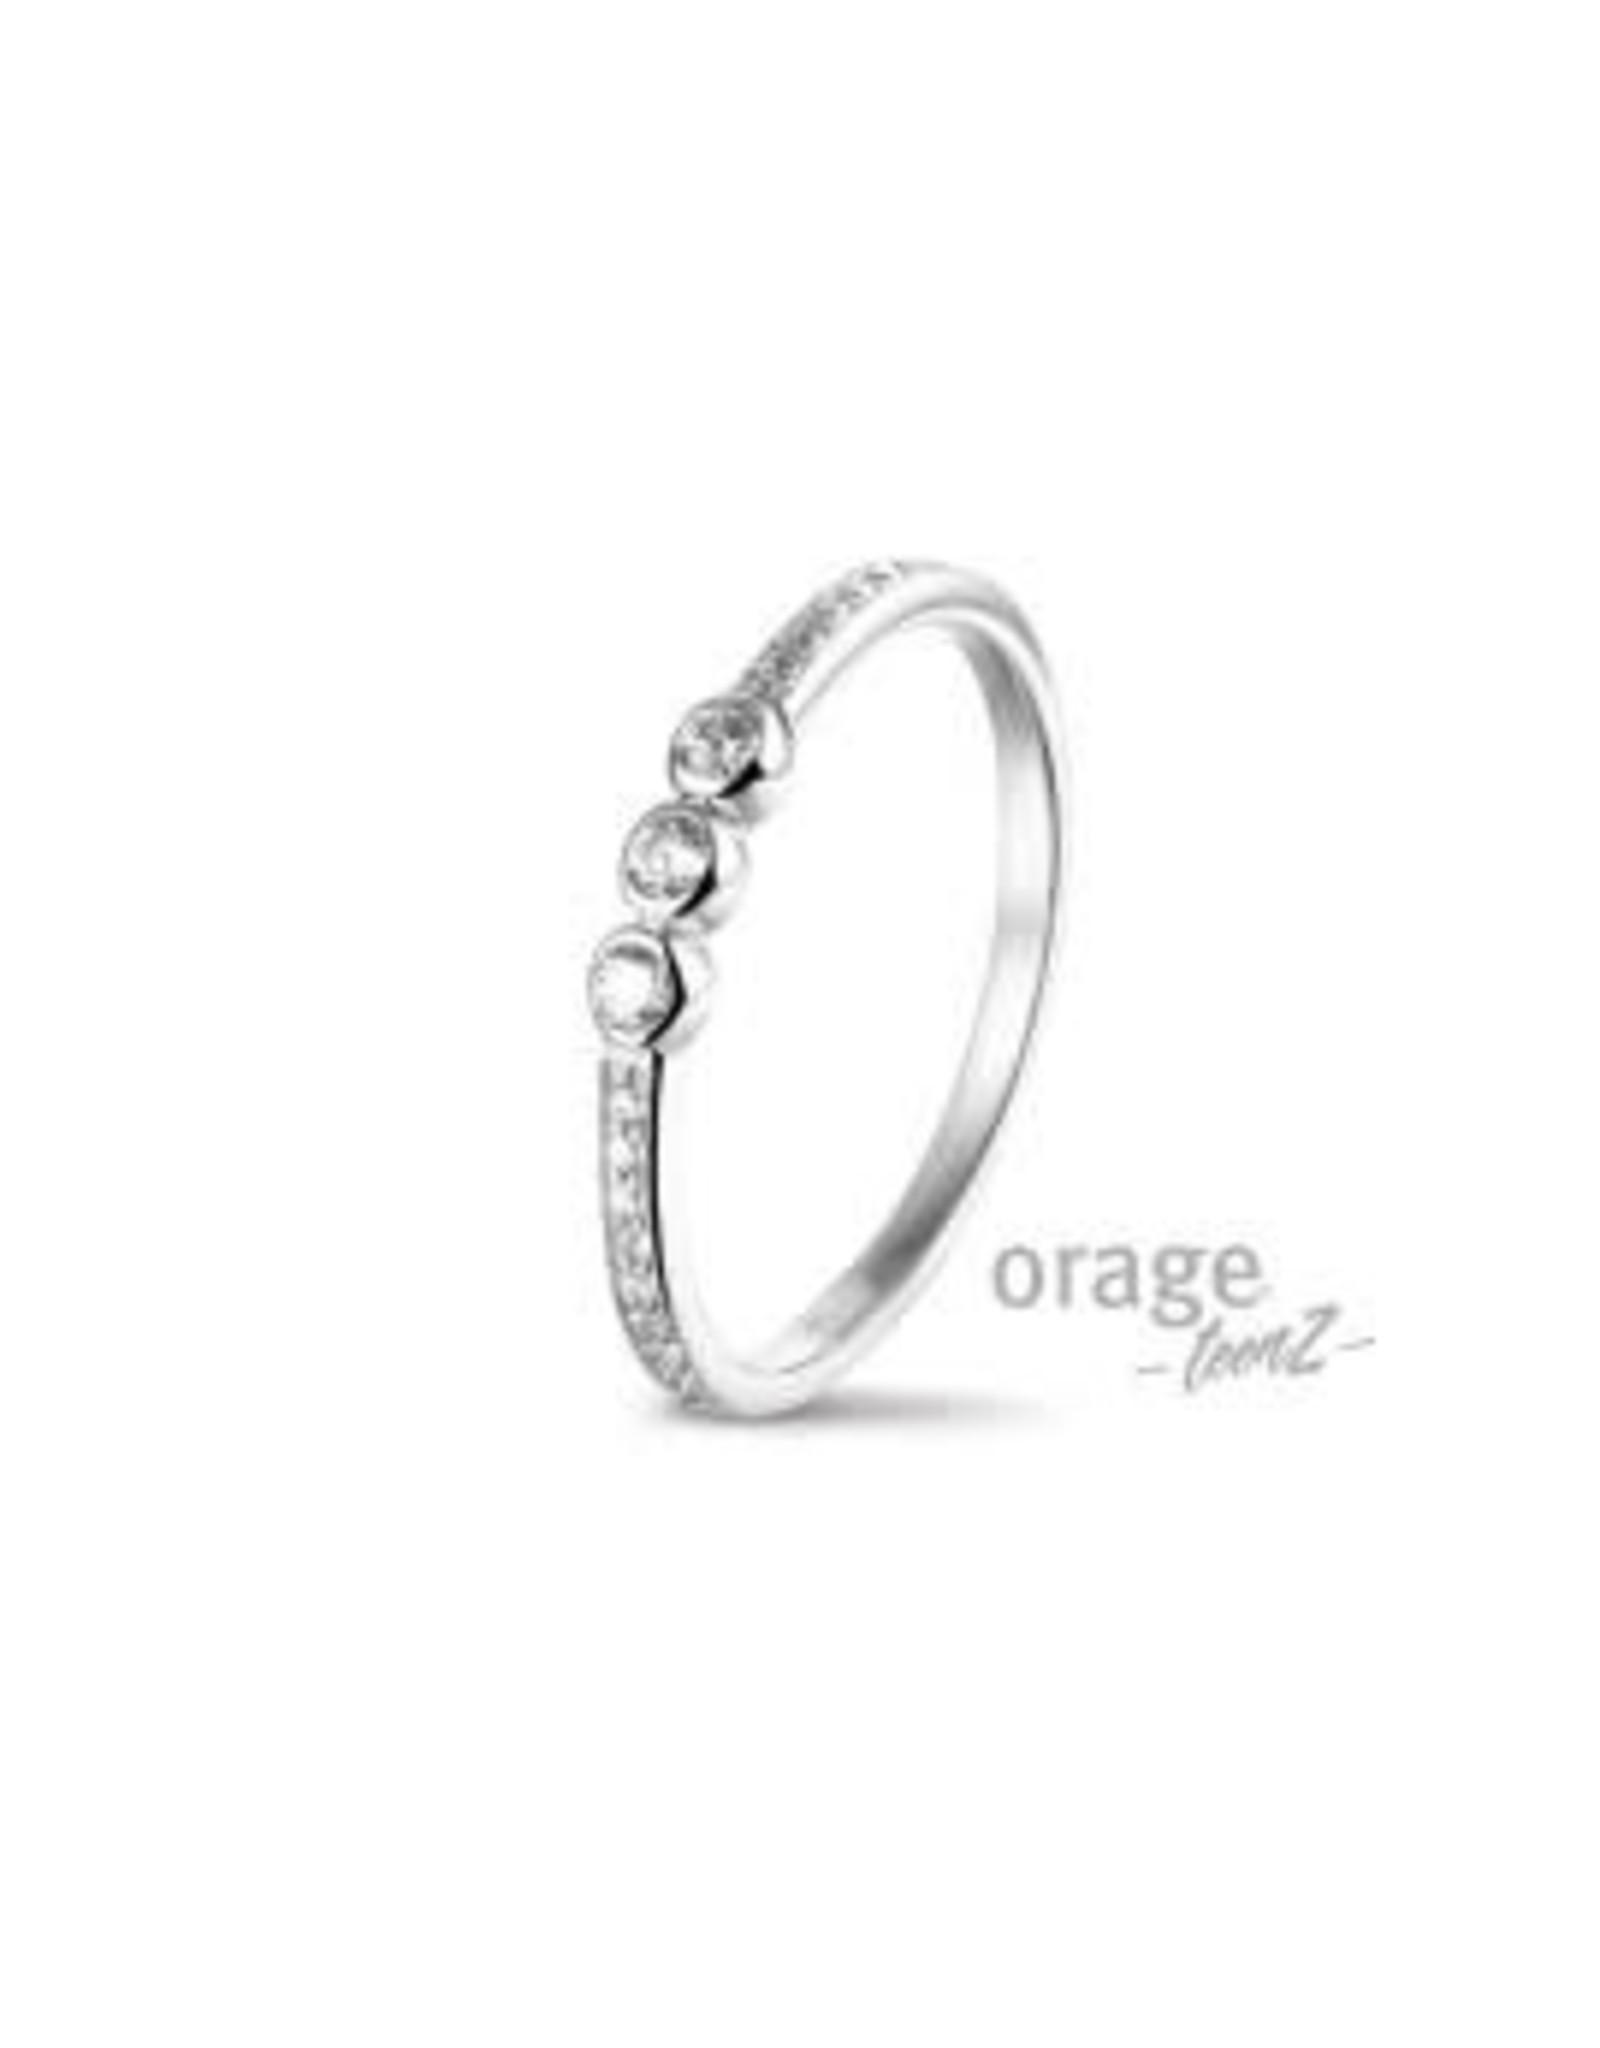 Orage Teenz Orage Teenz AP244-52 Ring Zilver